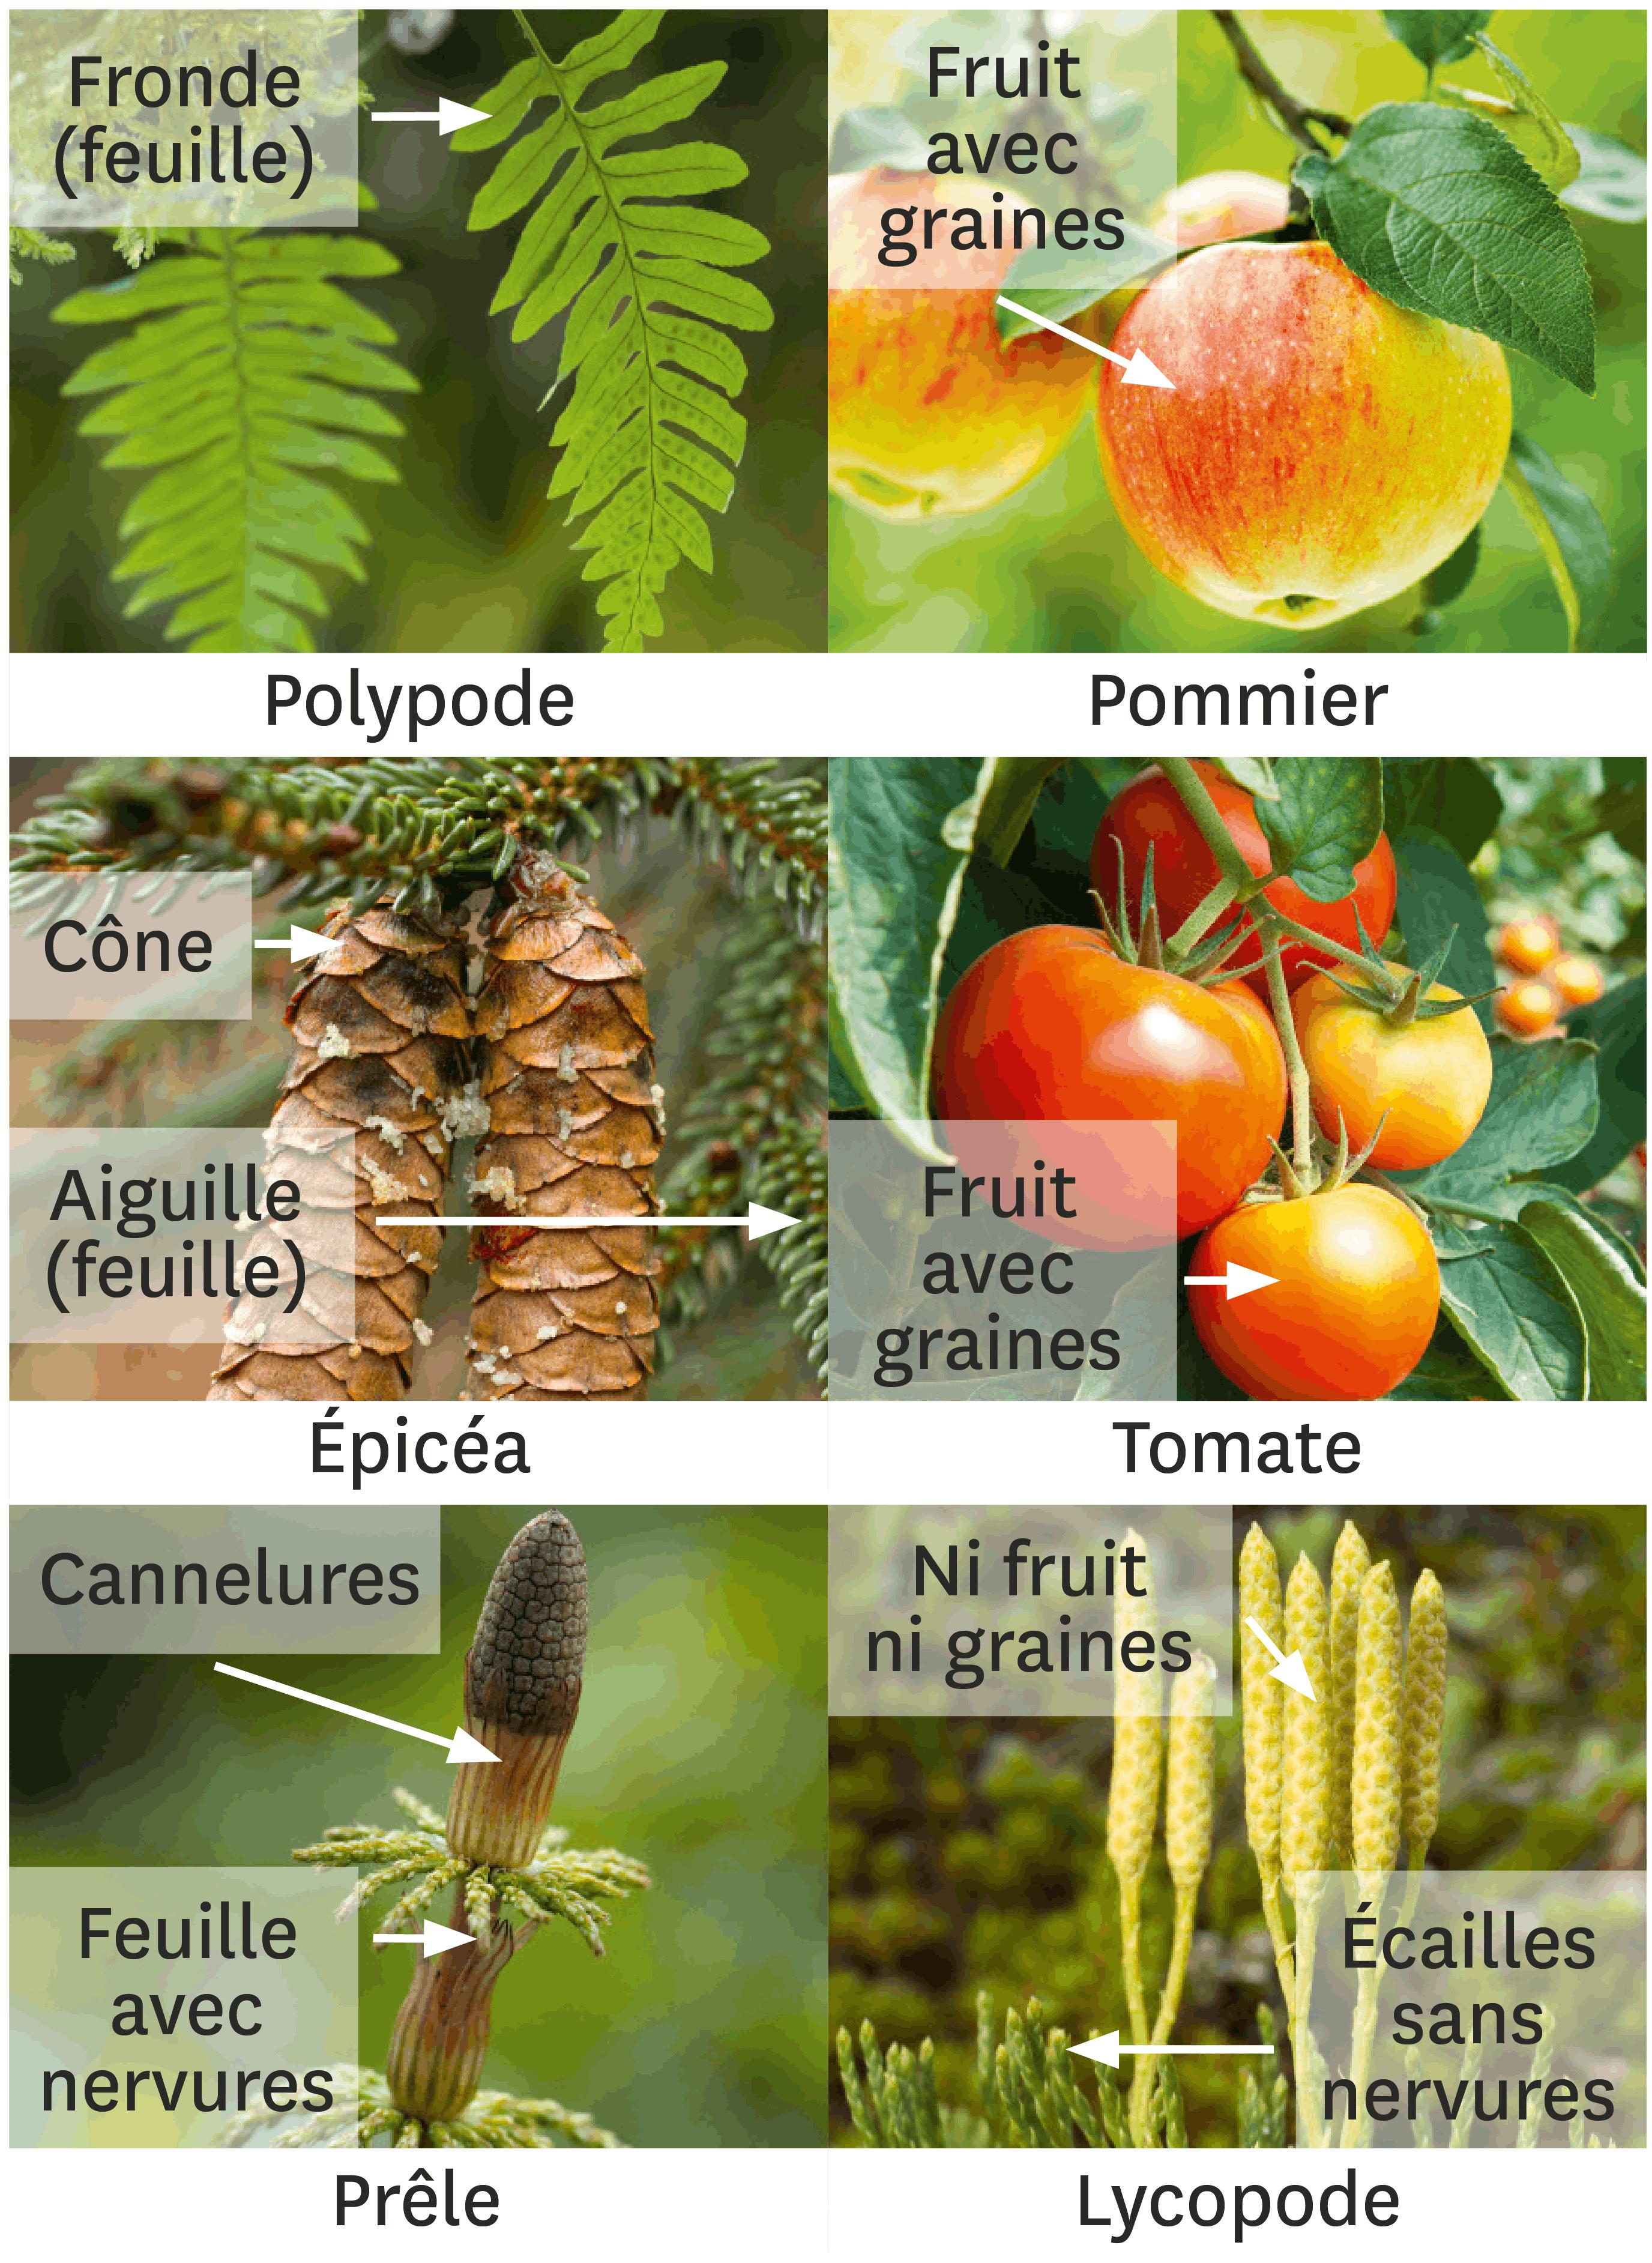 <stamp theme='svt-green1'>Doc. 4</stamp> Des fiches d'identité de quelques espèces actuelles.